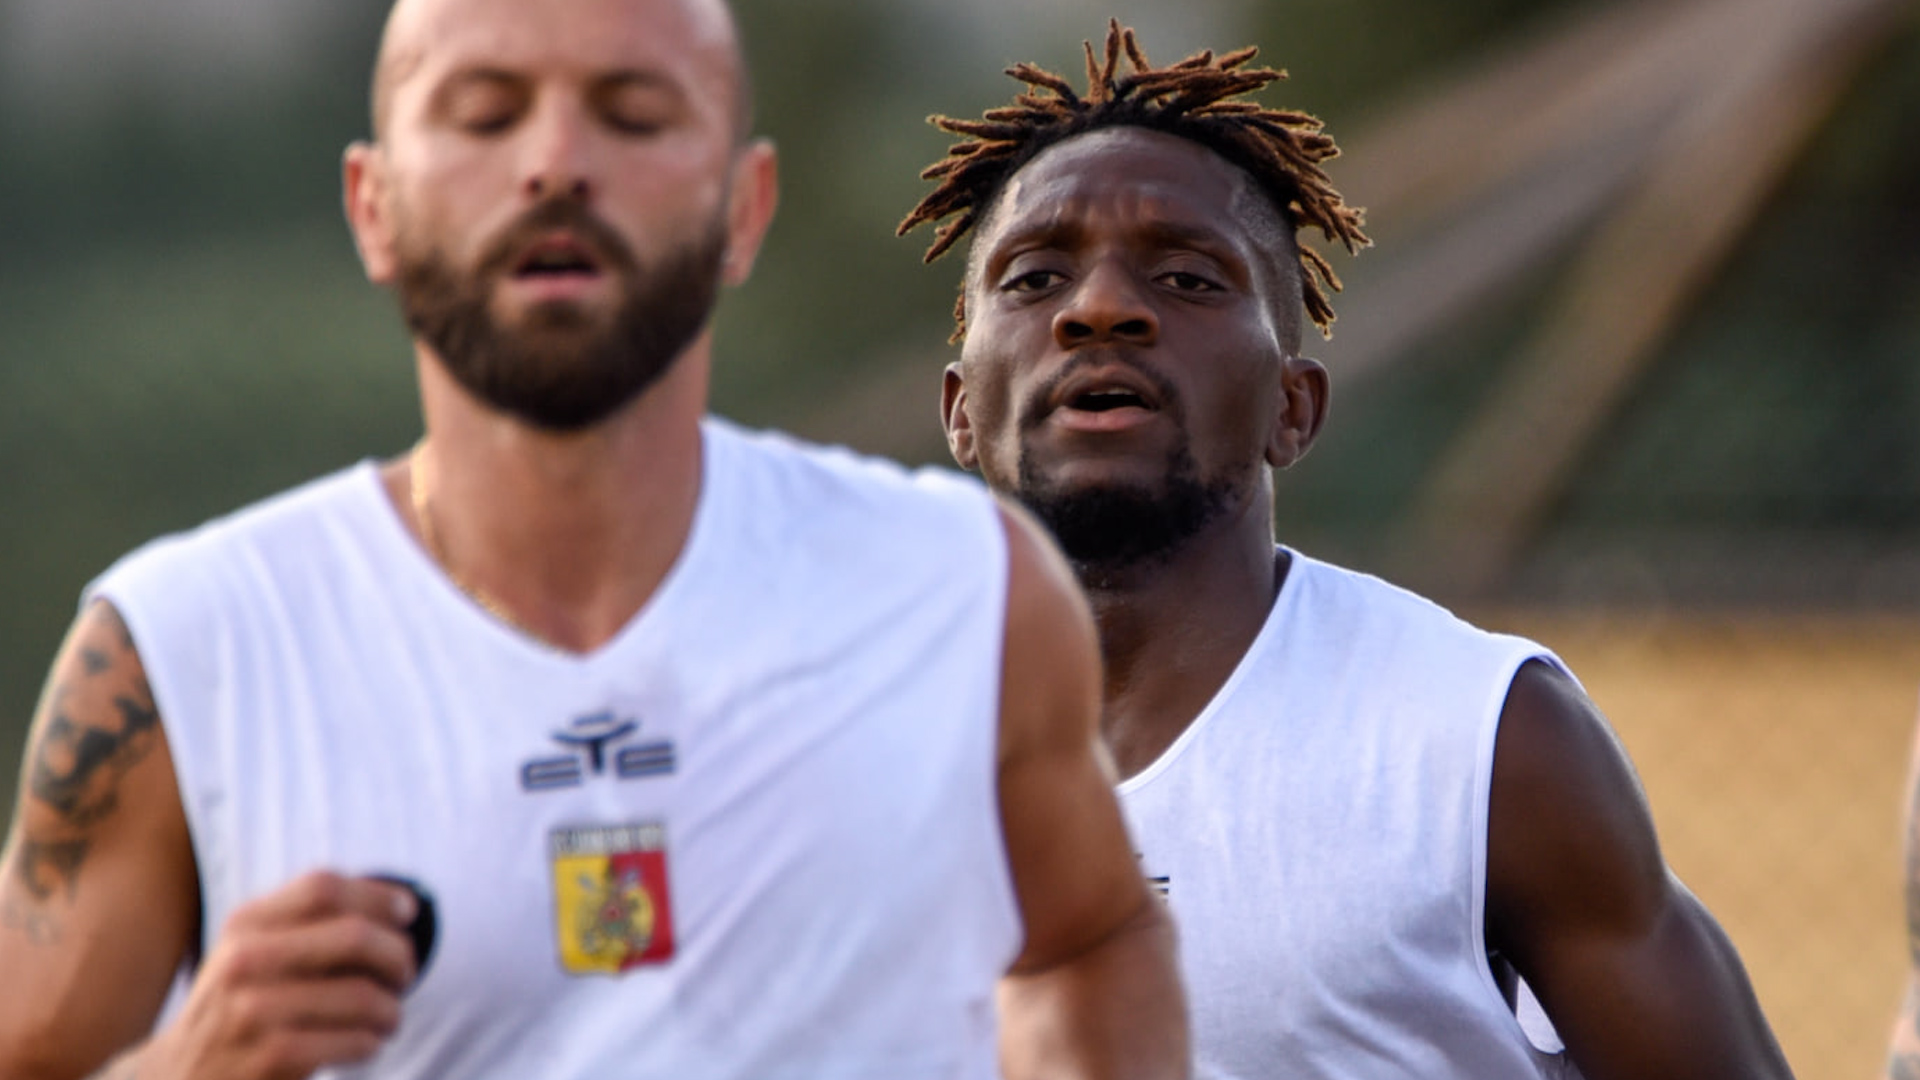 Lega Pro, Girone C: il tabellone del calciomercato